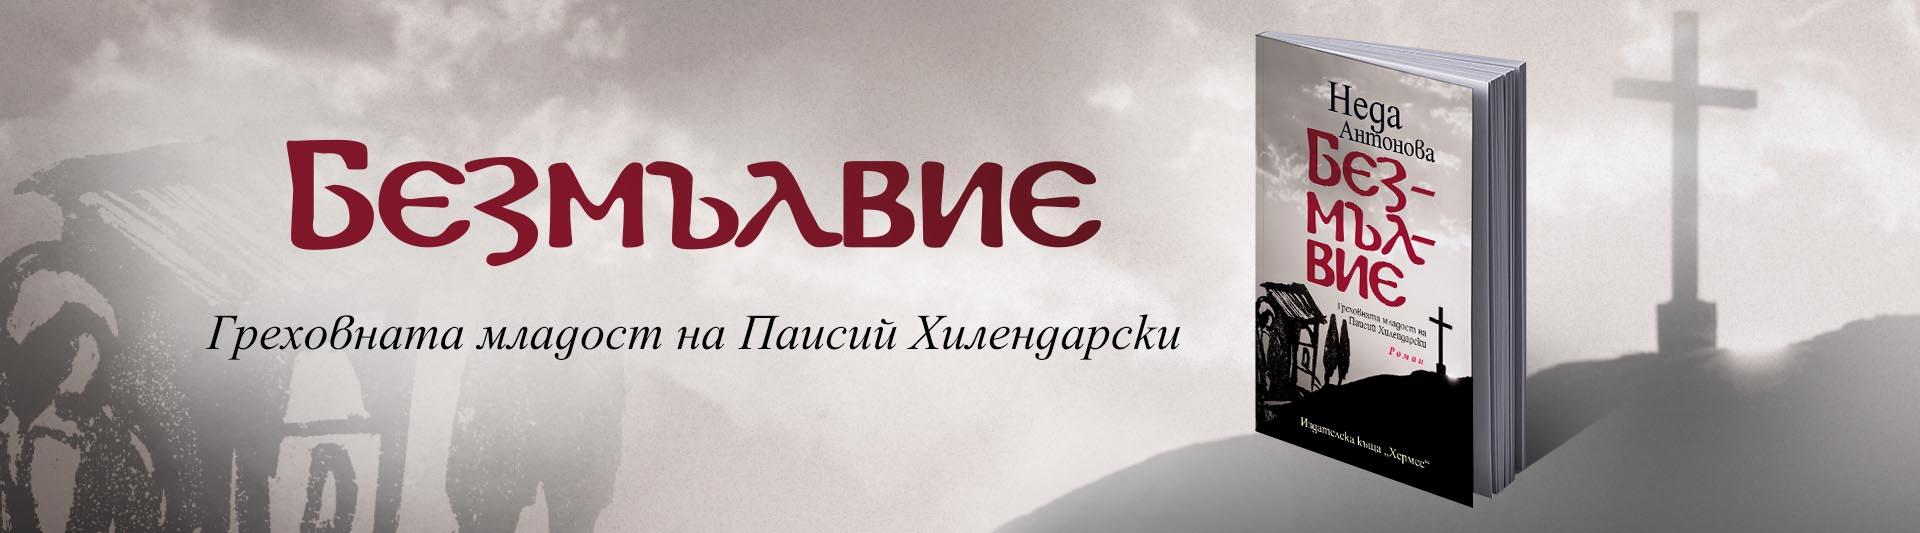 Най-новият роман от Неда Антонова с втори тираж в рамките на два месеца